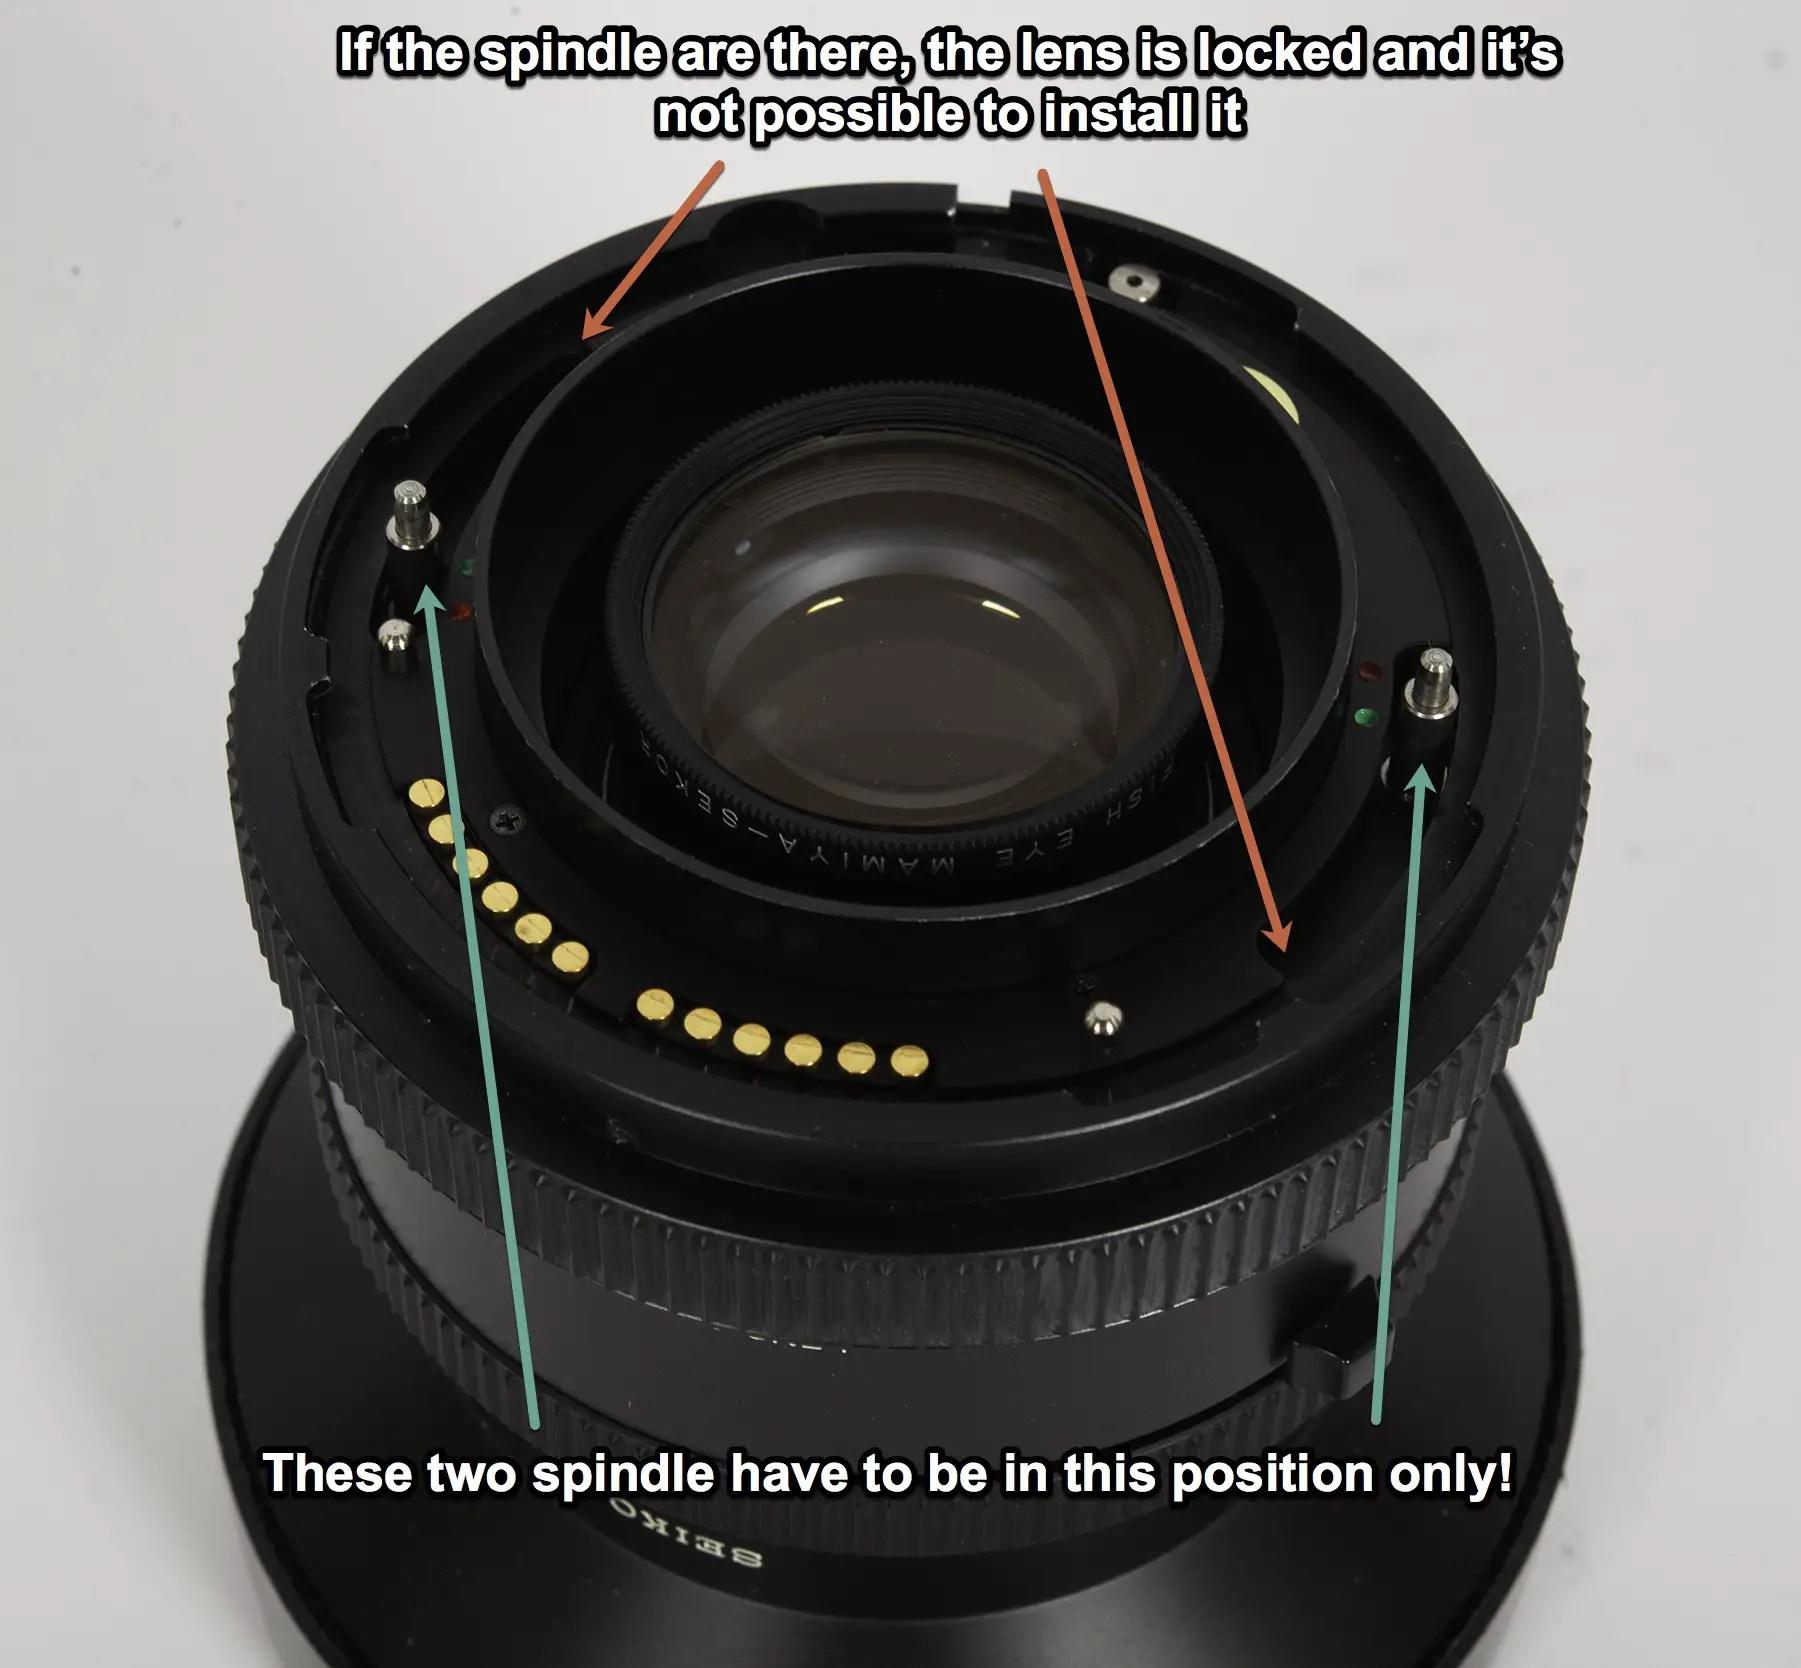 Mamiya RZ67 lens already cocked